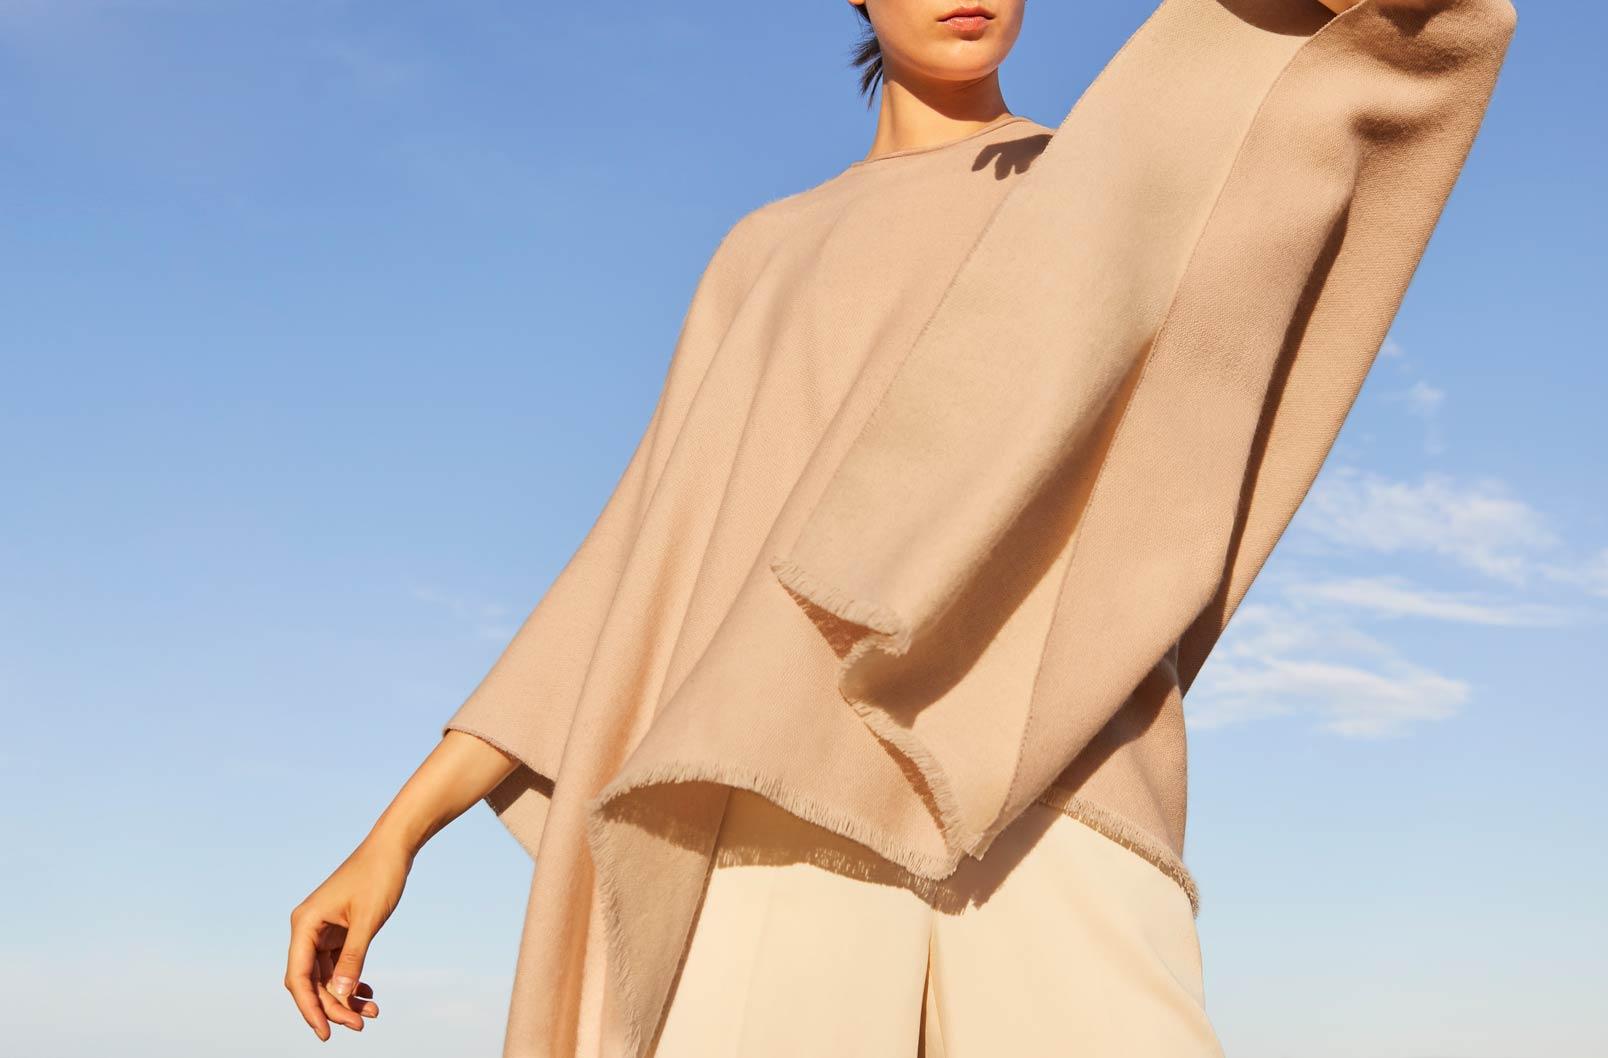 Model wearing Cuyana Blanket Scarf in Camel